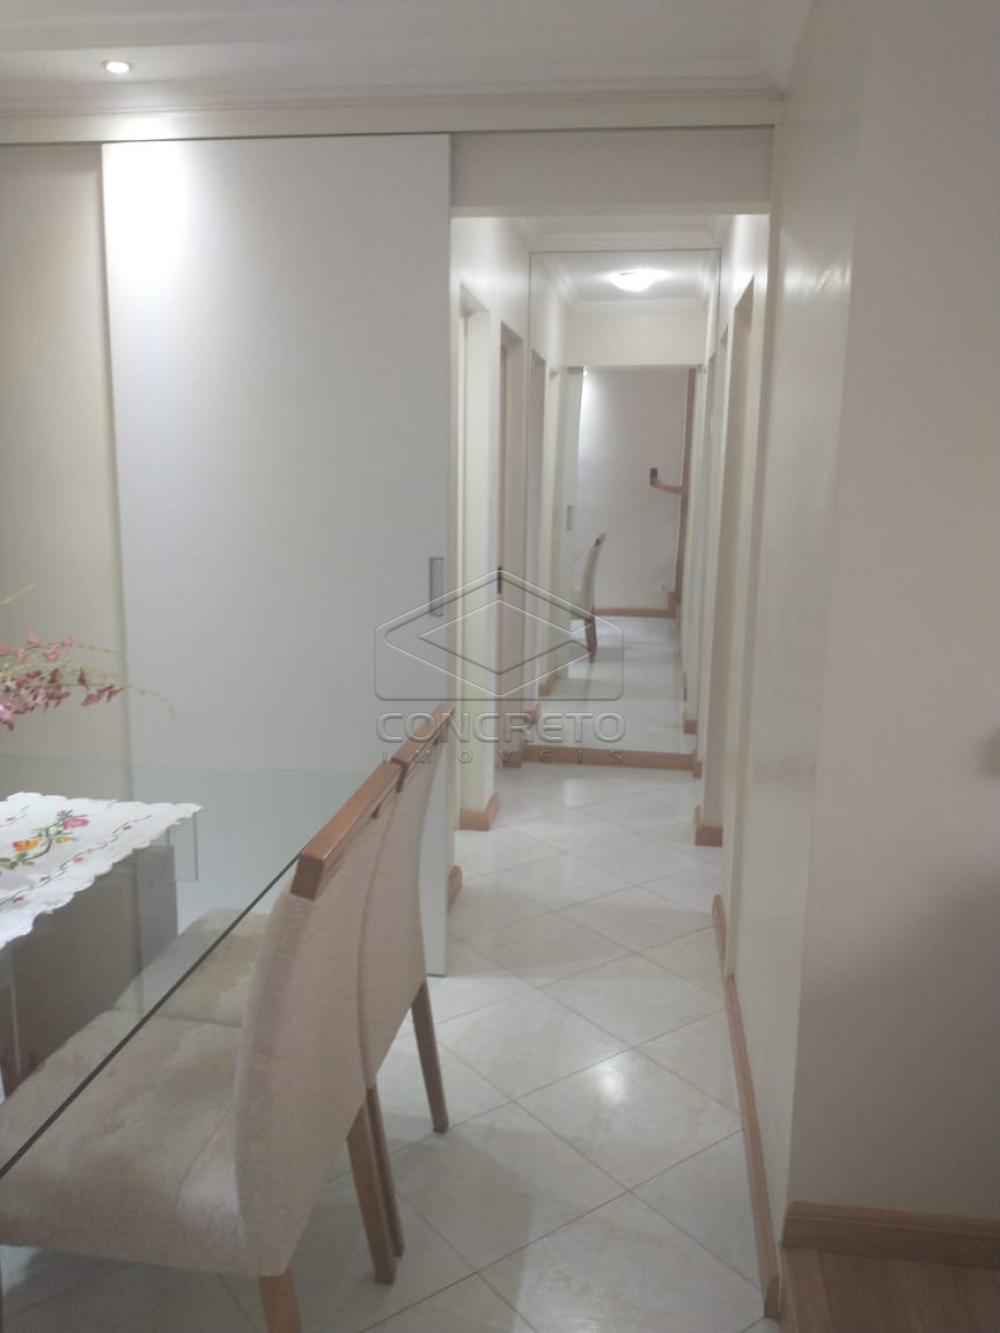 Comprar Apartamento / Padrão em Bauru R$ 230.000,00 - Foto 18